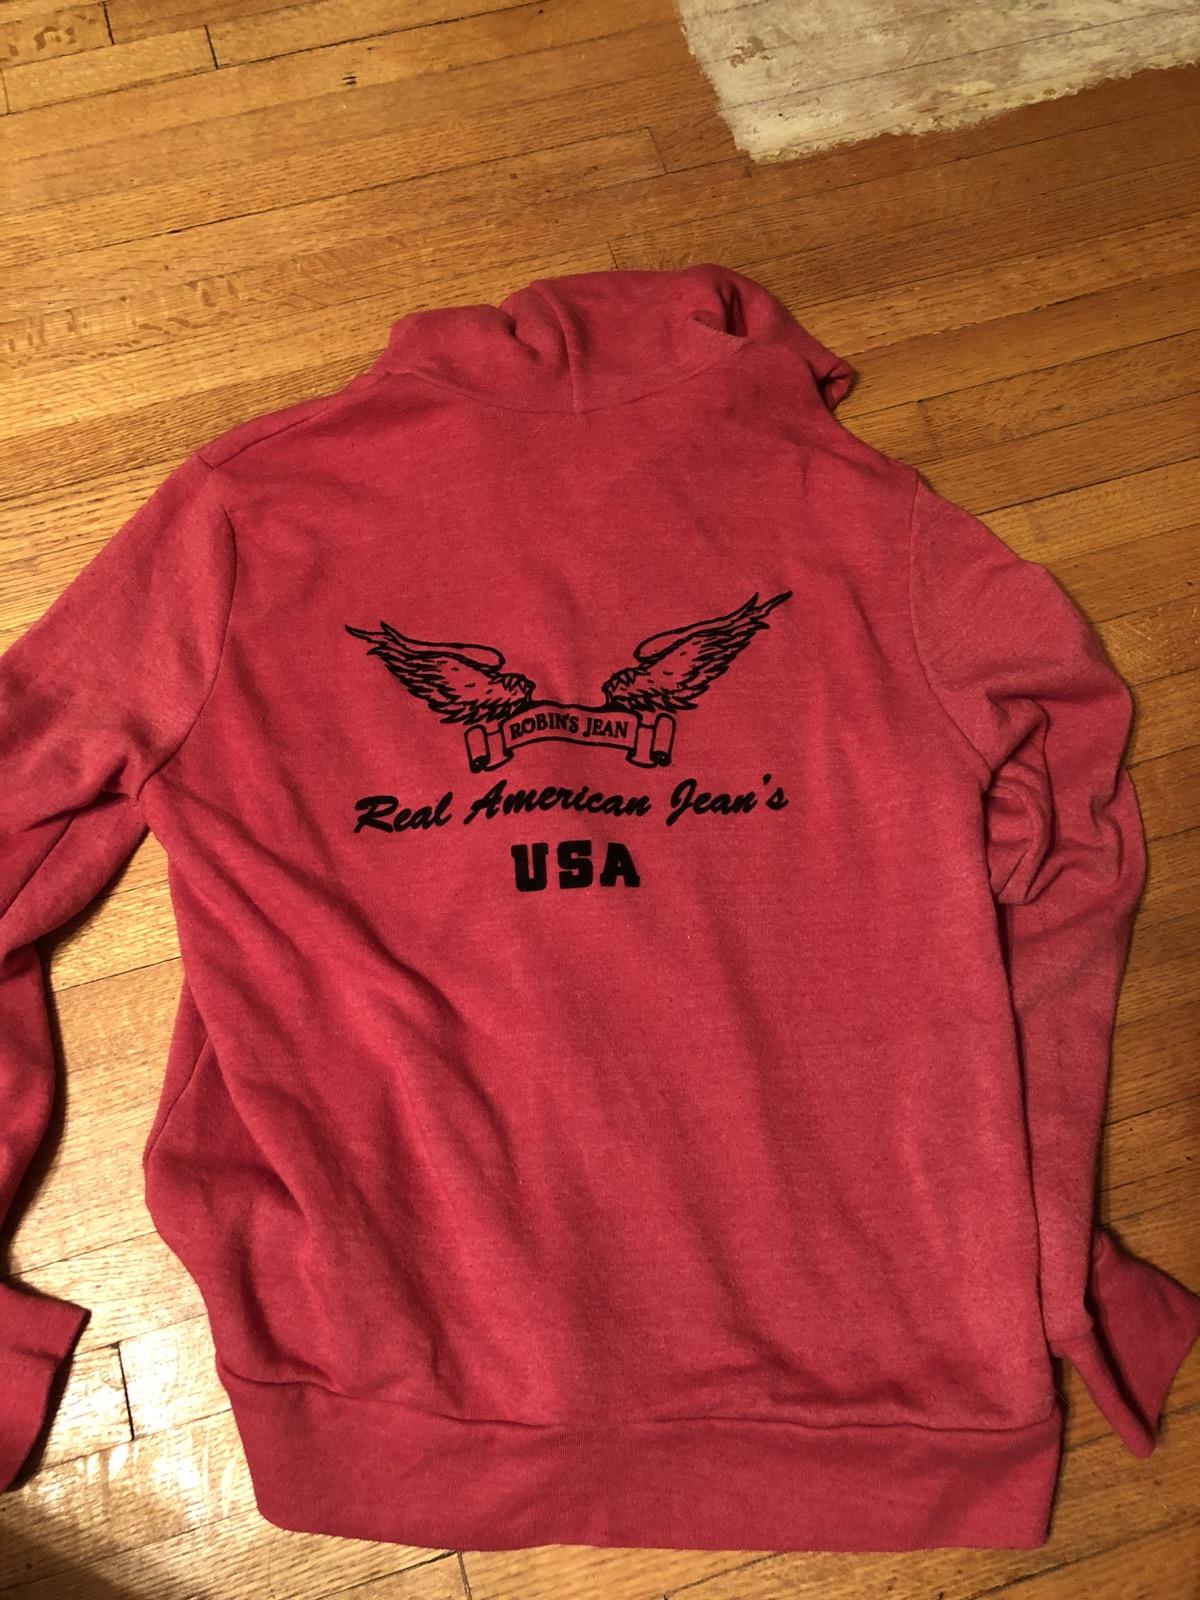 Robins jeans hoodie